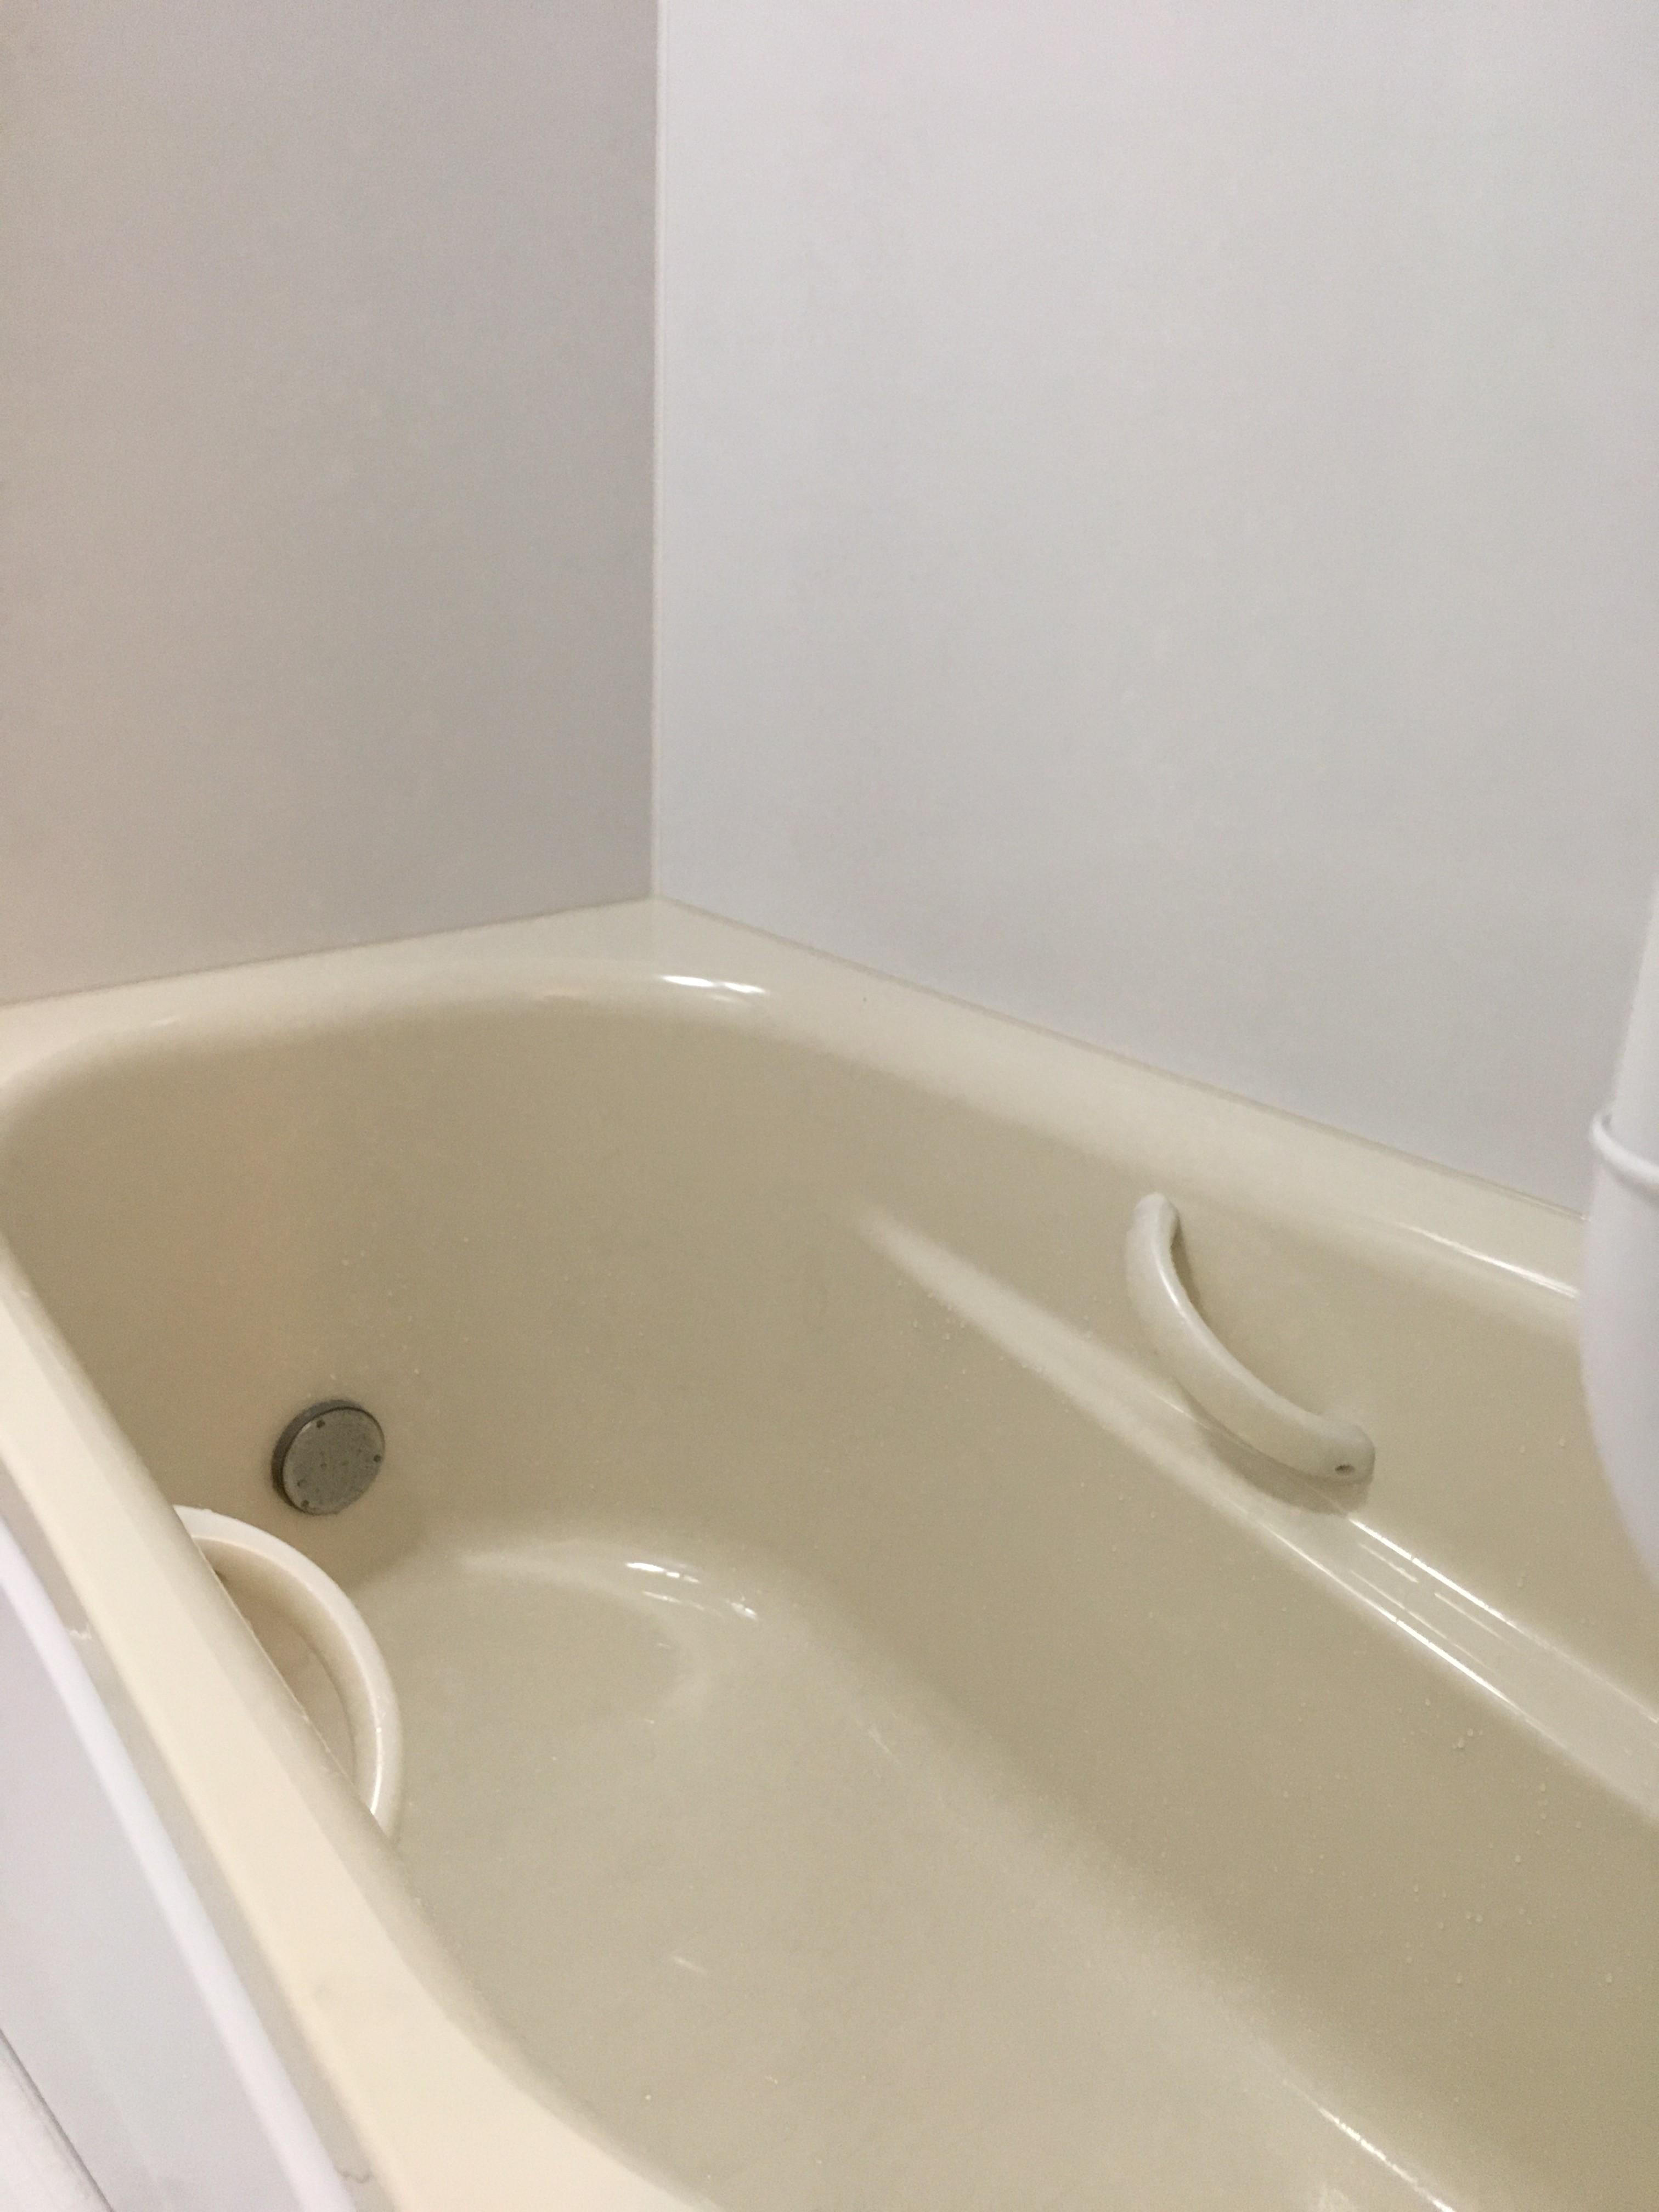 浴槽のまたぎ高さが約42㎝となり、湯船への出入りがしやすくなりました。